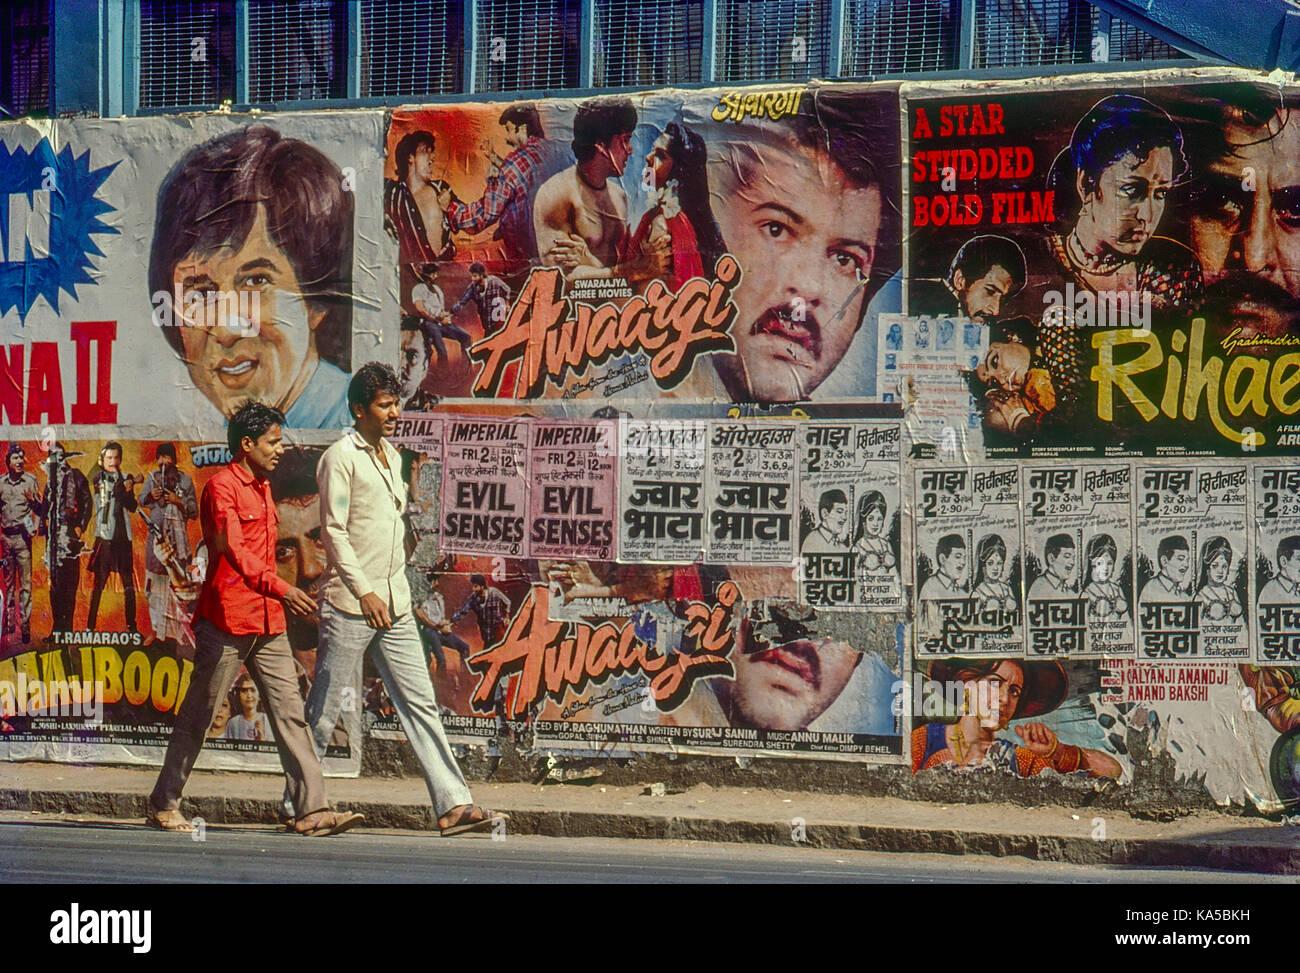 movie poster on wall, mumbai, maharashtra, India, Asia - Stock Image